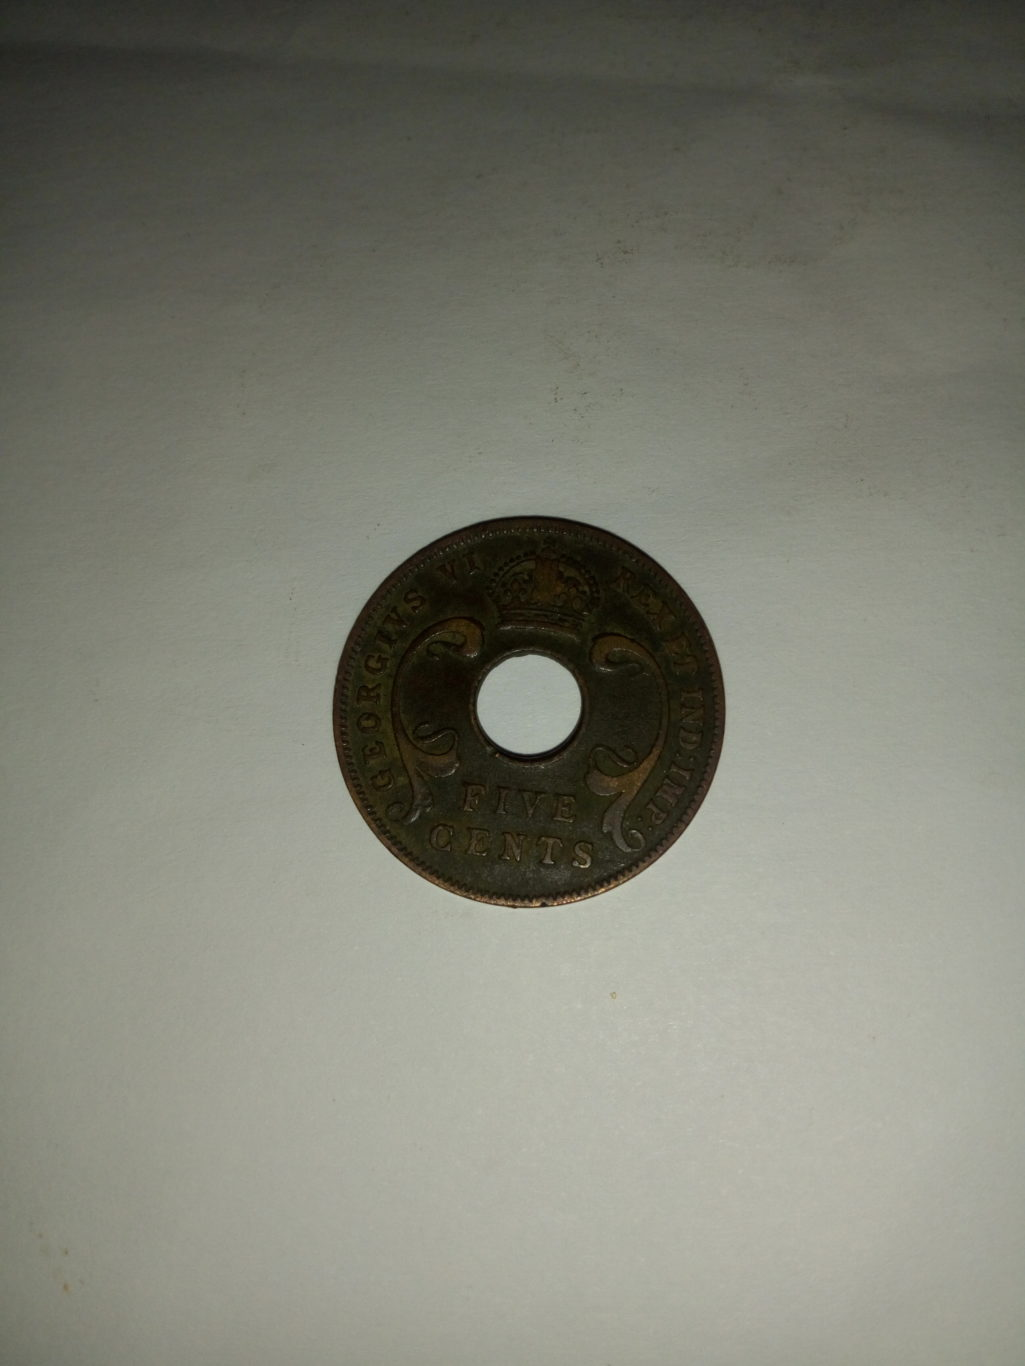 1942_georgivs V1 5 cents